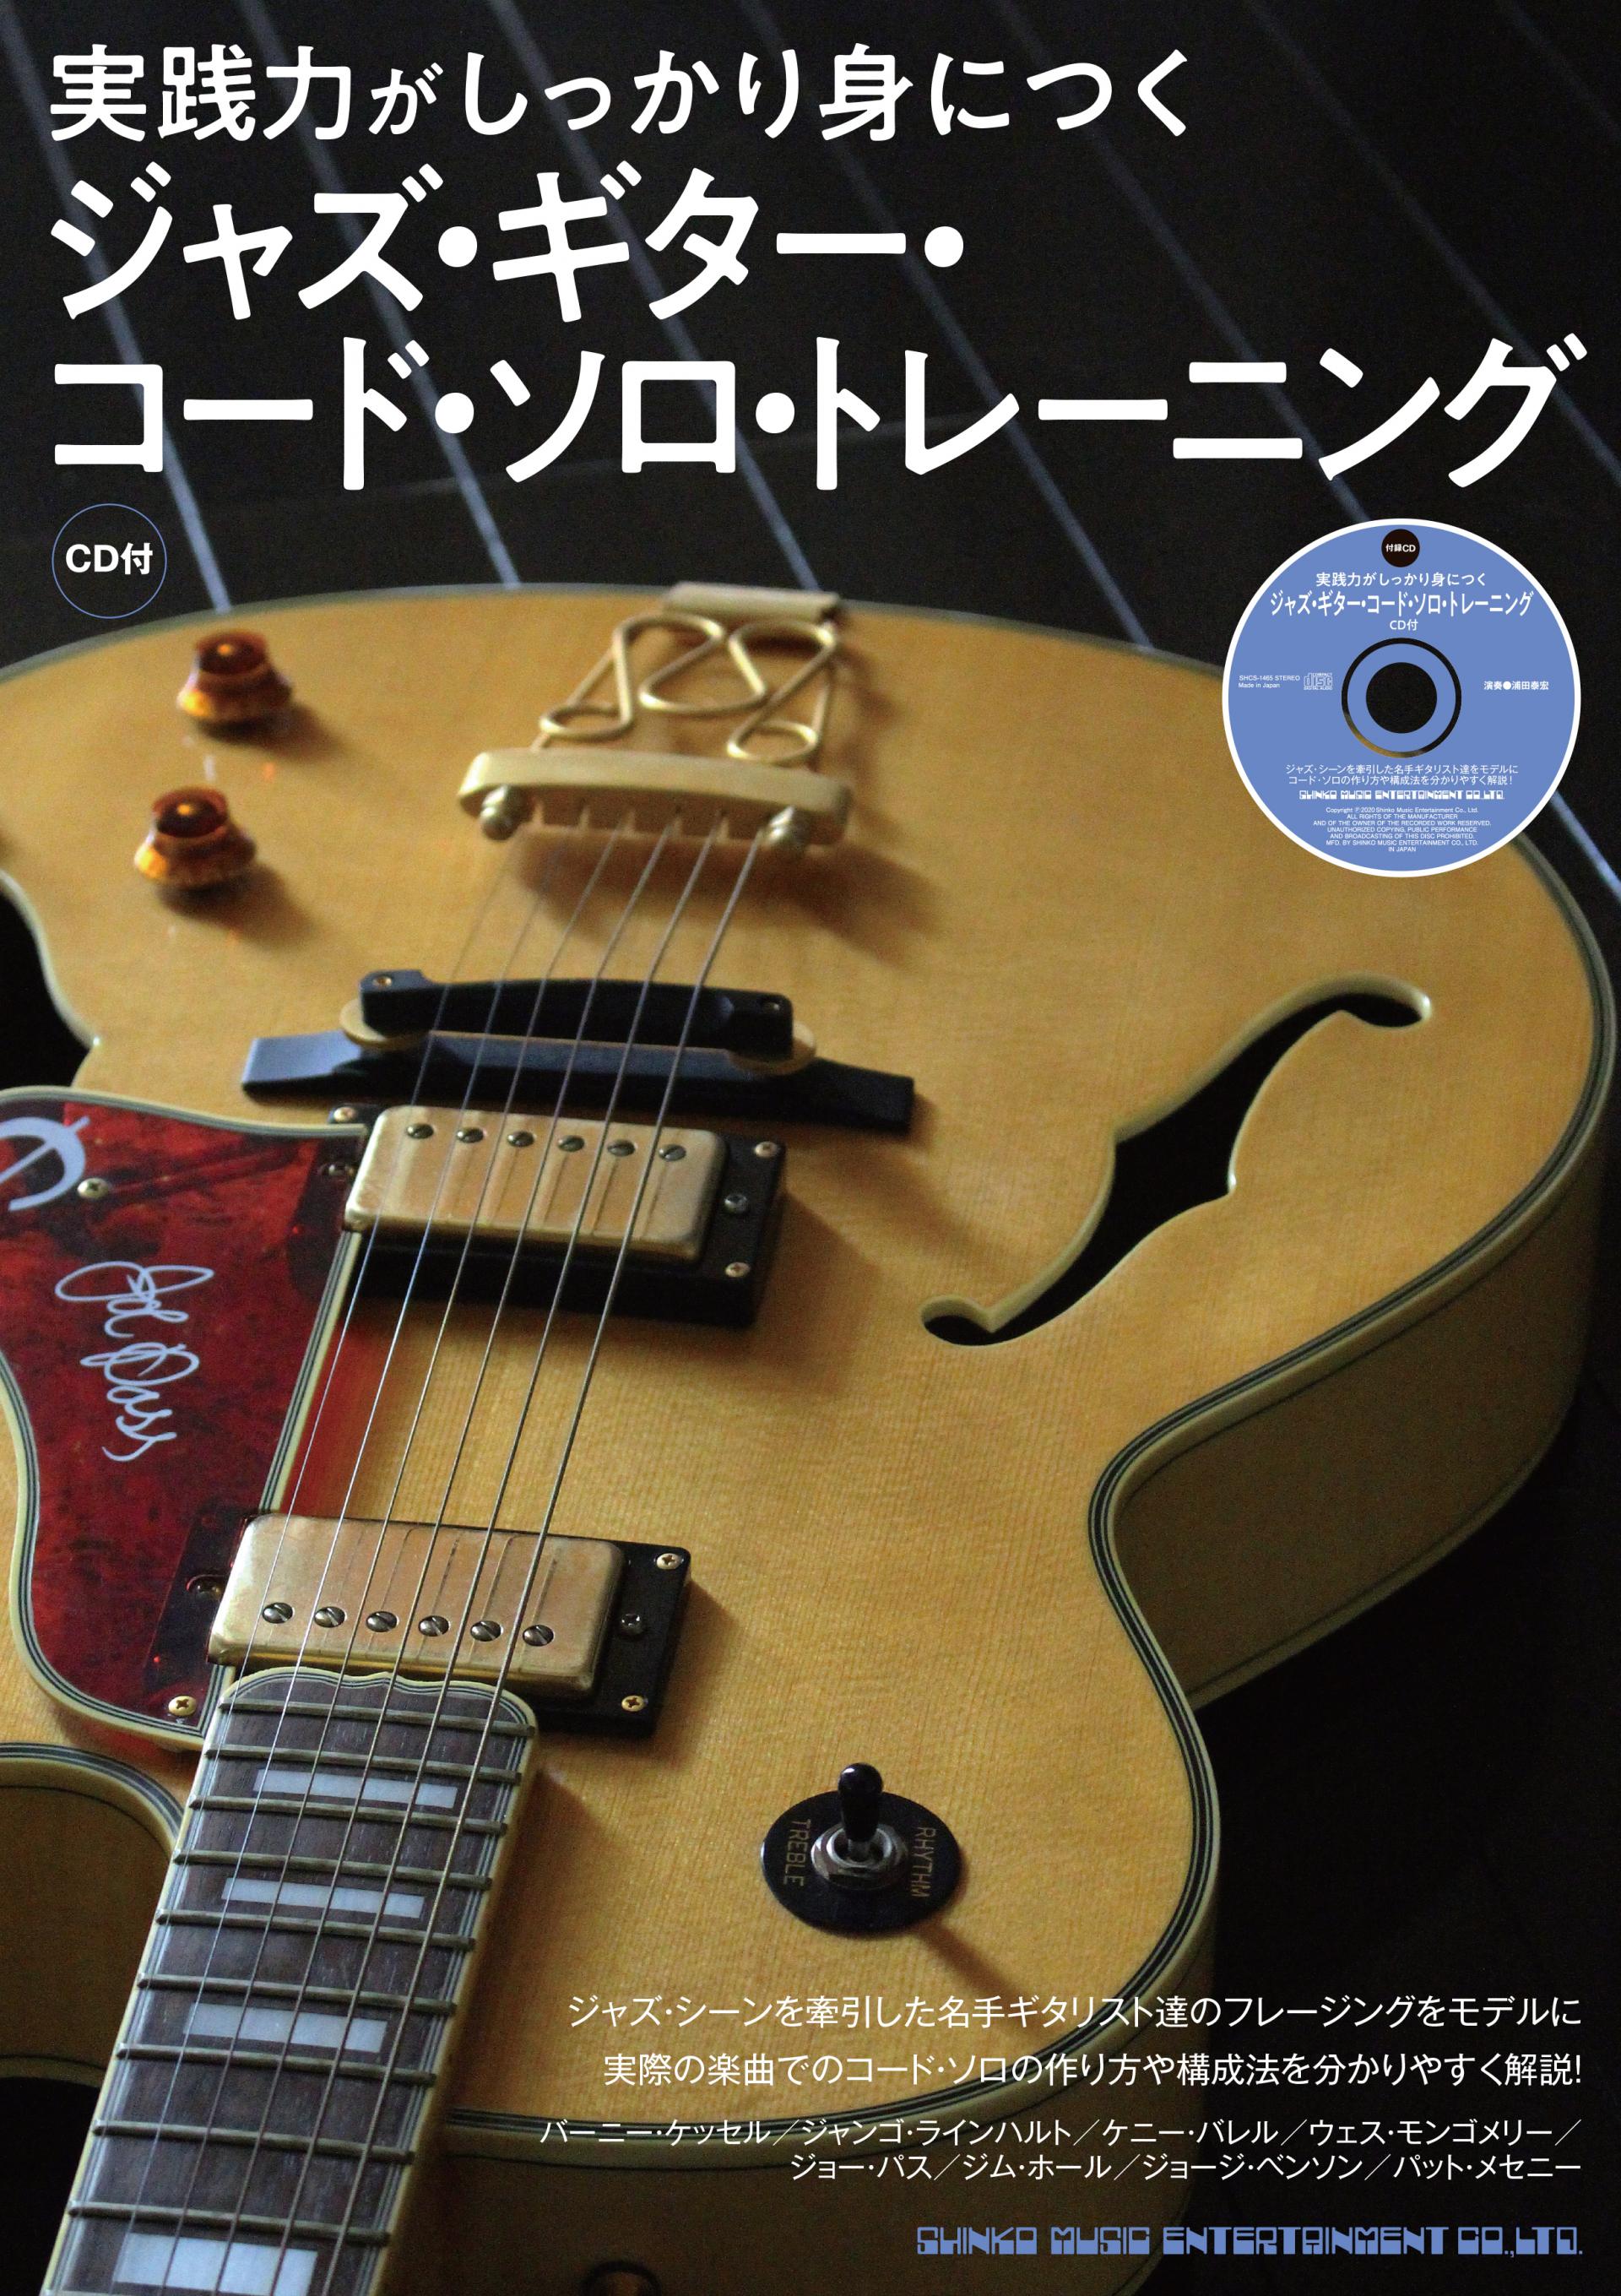 名ジャズ・ギタリスト達のフレージングをモデルにコード・ソロの作り方や構成法を分かりやすく解説!